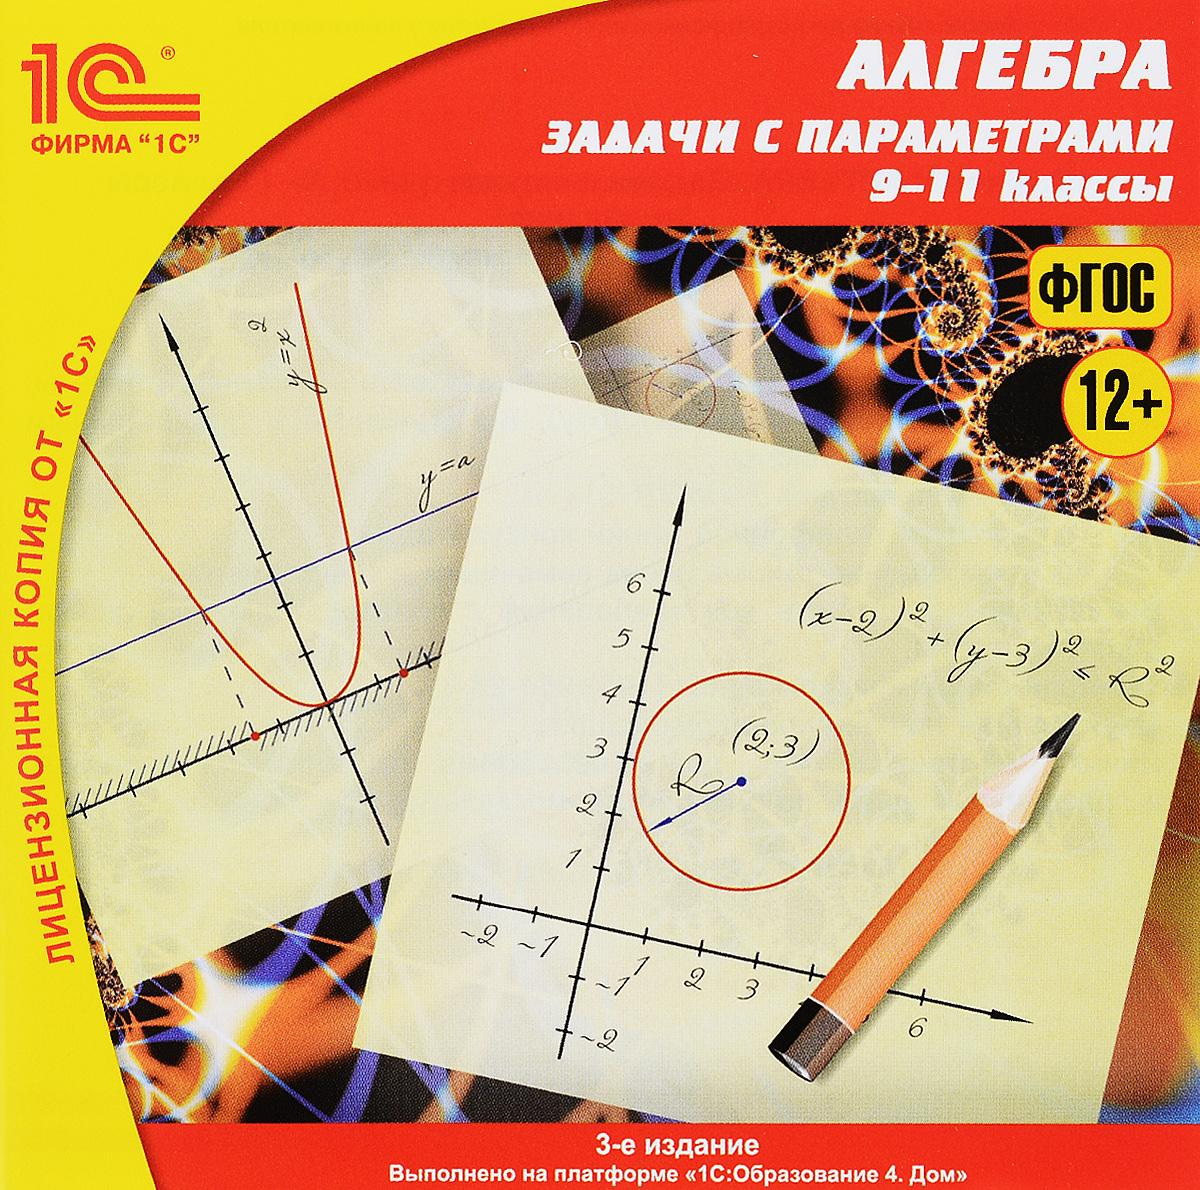 1С:Школа. Алгебра. Задачи с параметрами 9-11 классы (3 издание) 1С-Паблишинг